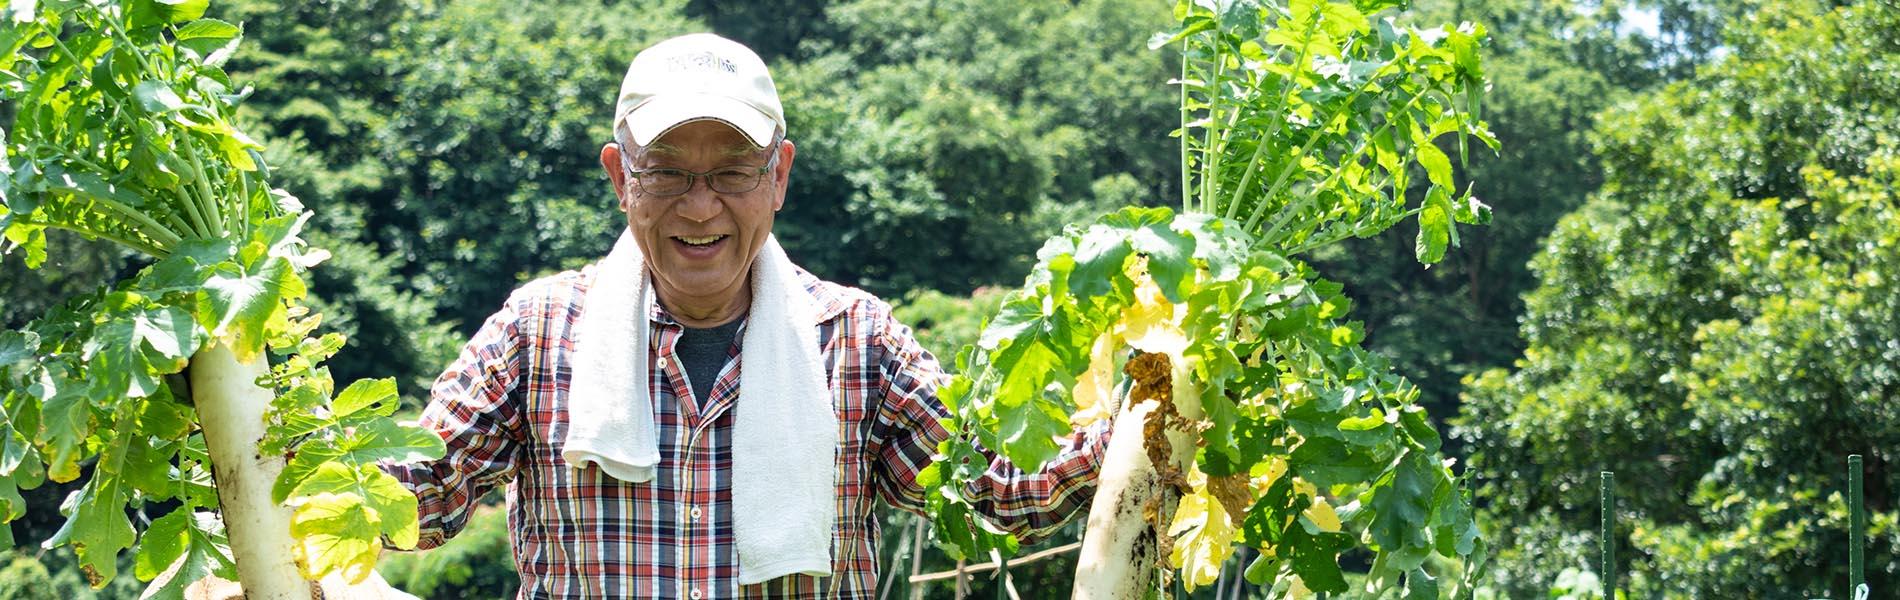 農園、収穫、ダイコン、笑顔の男性